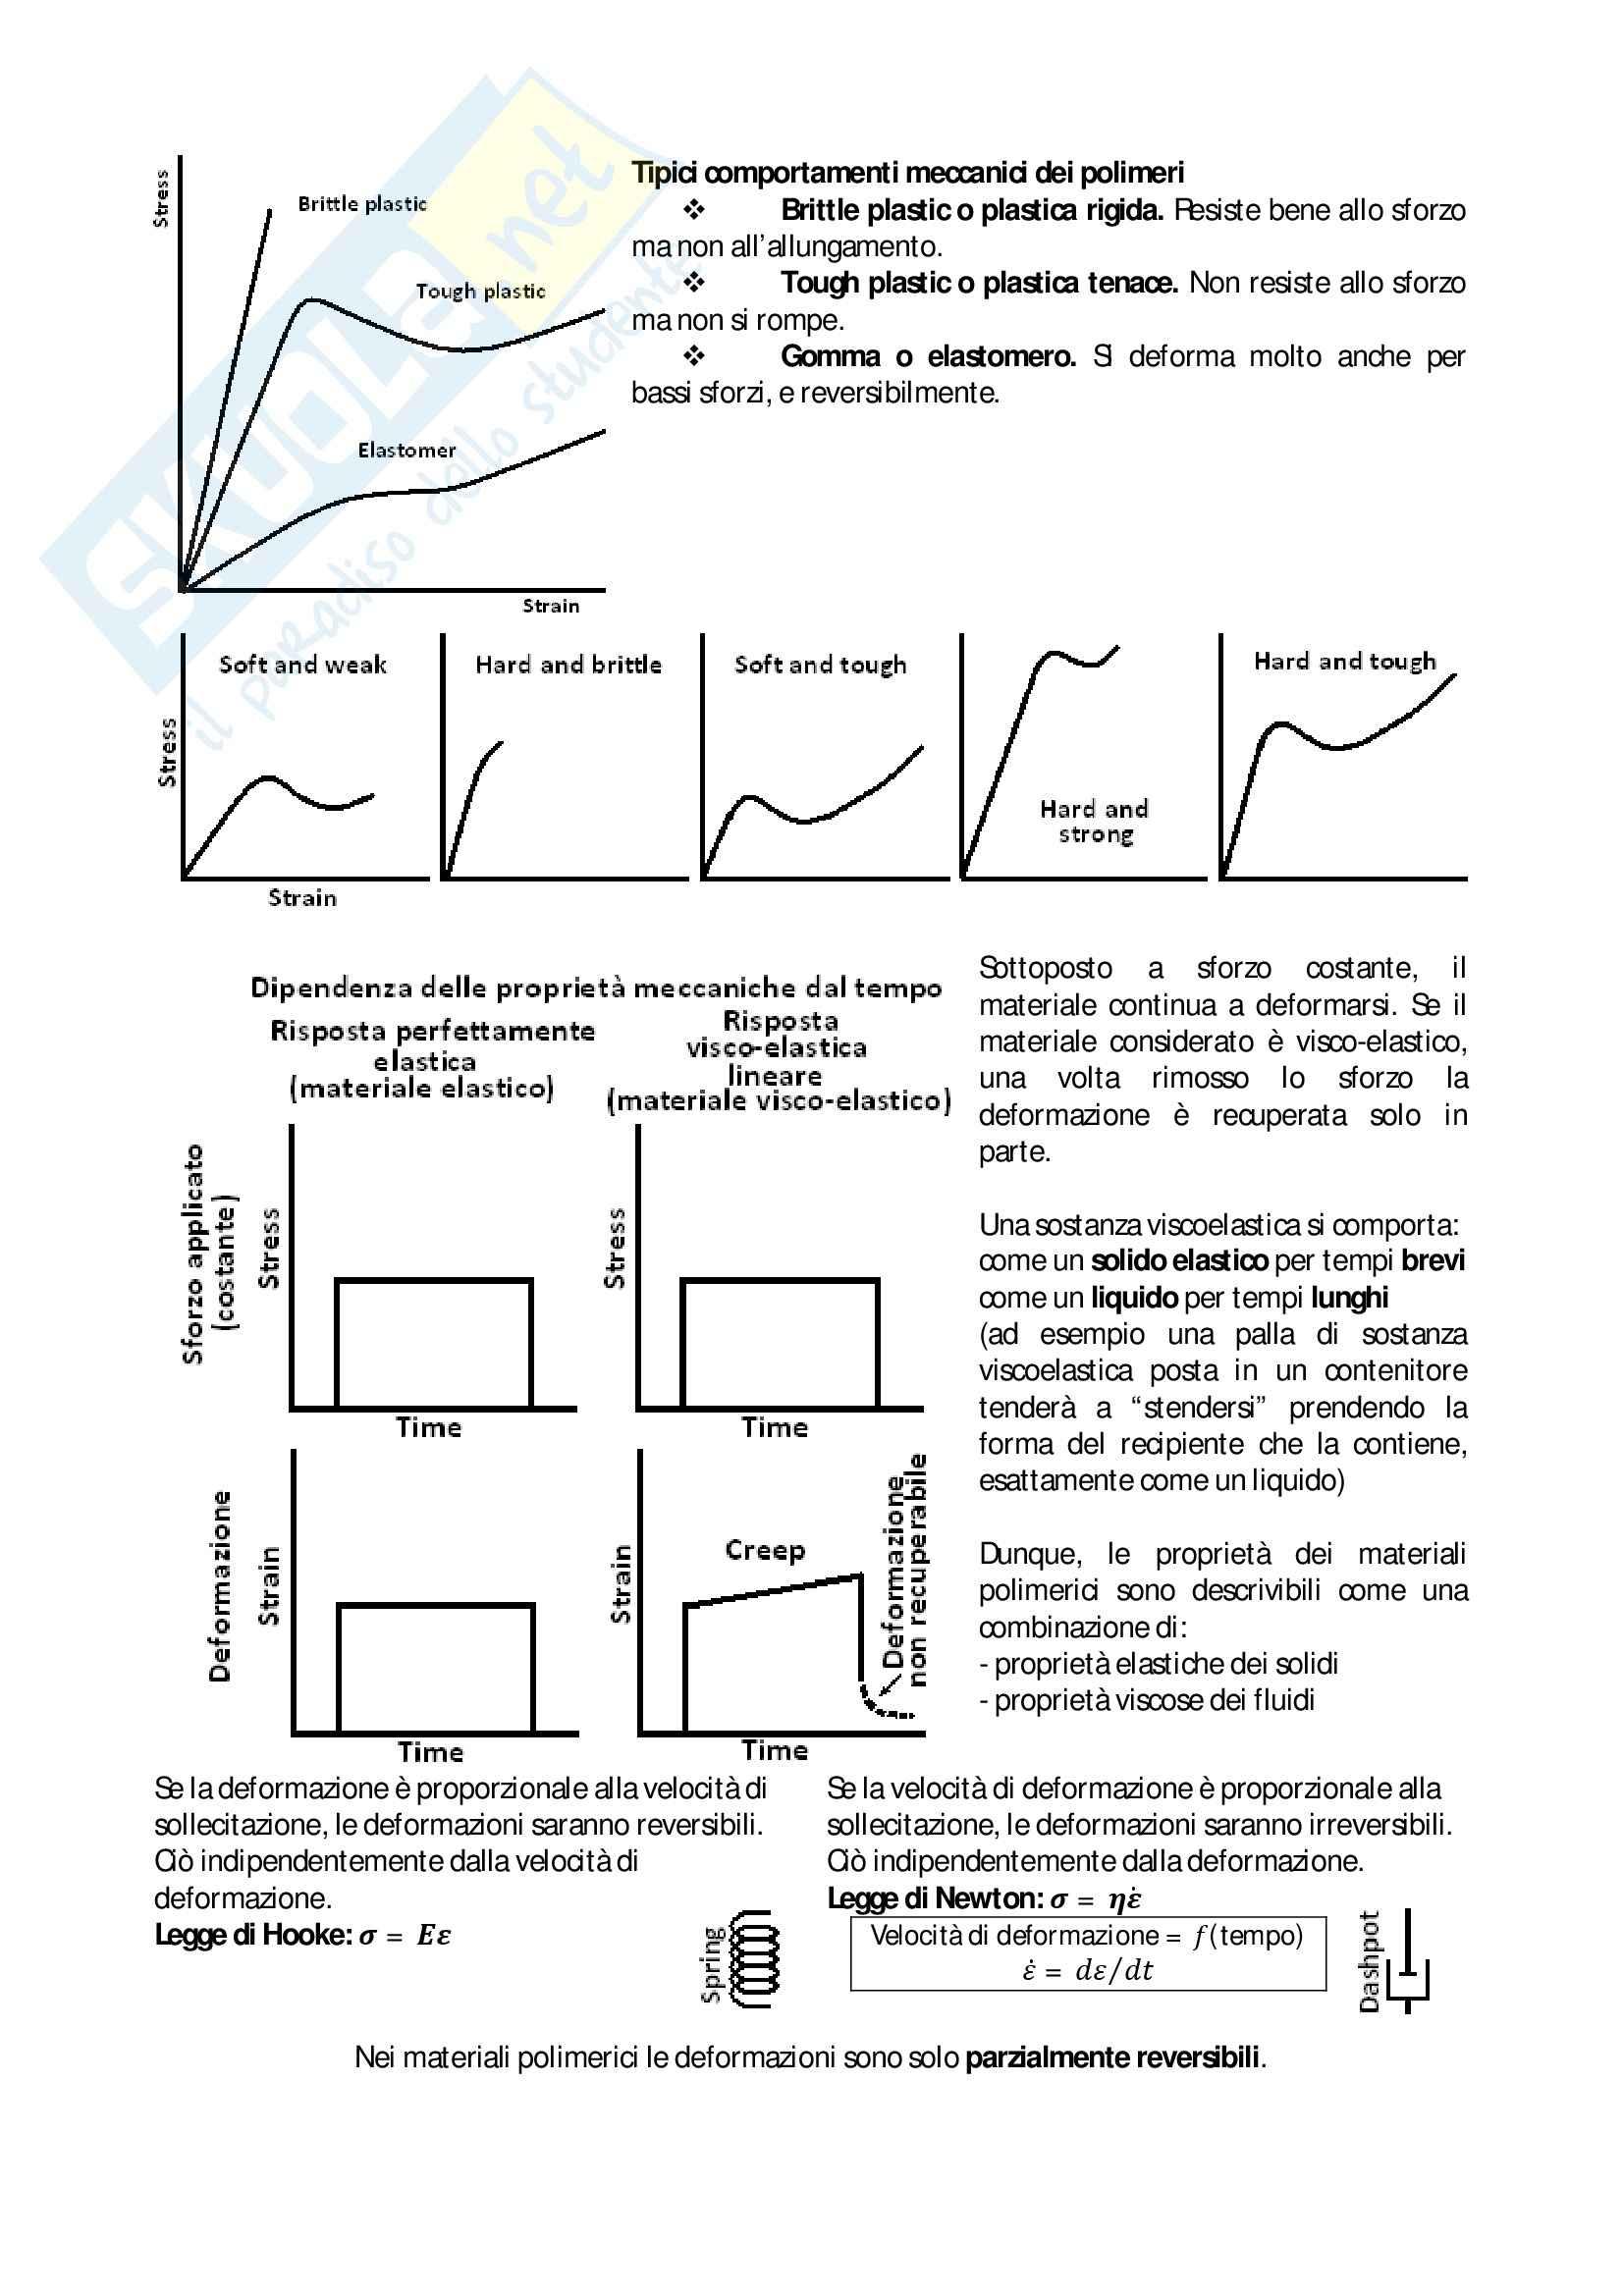 Scienza e tecnologia dei materiali - polimeri Pag. 11